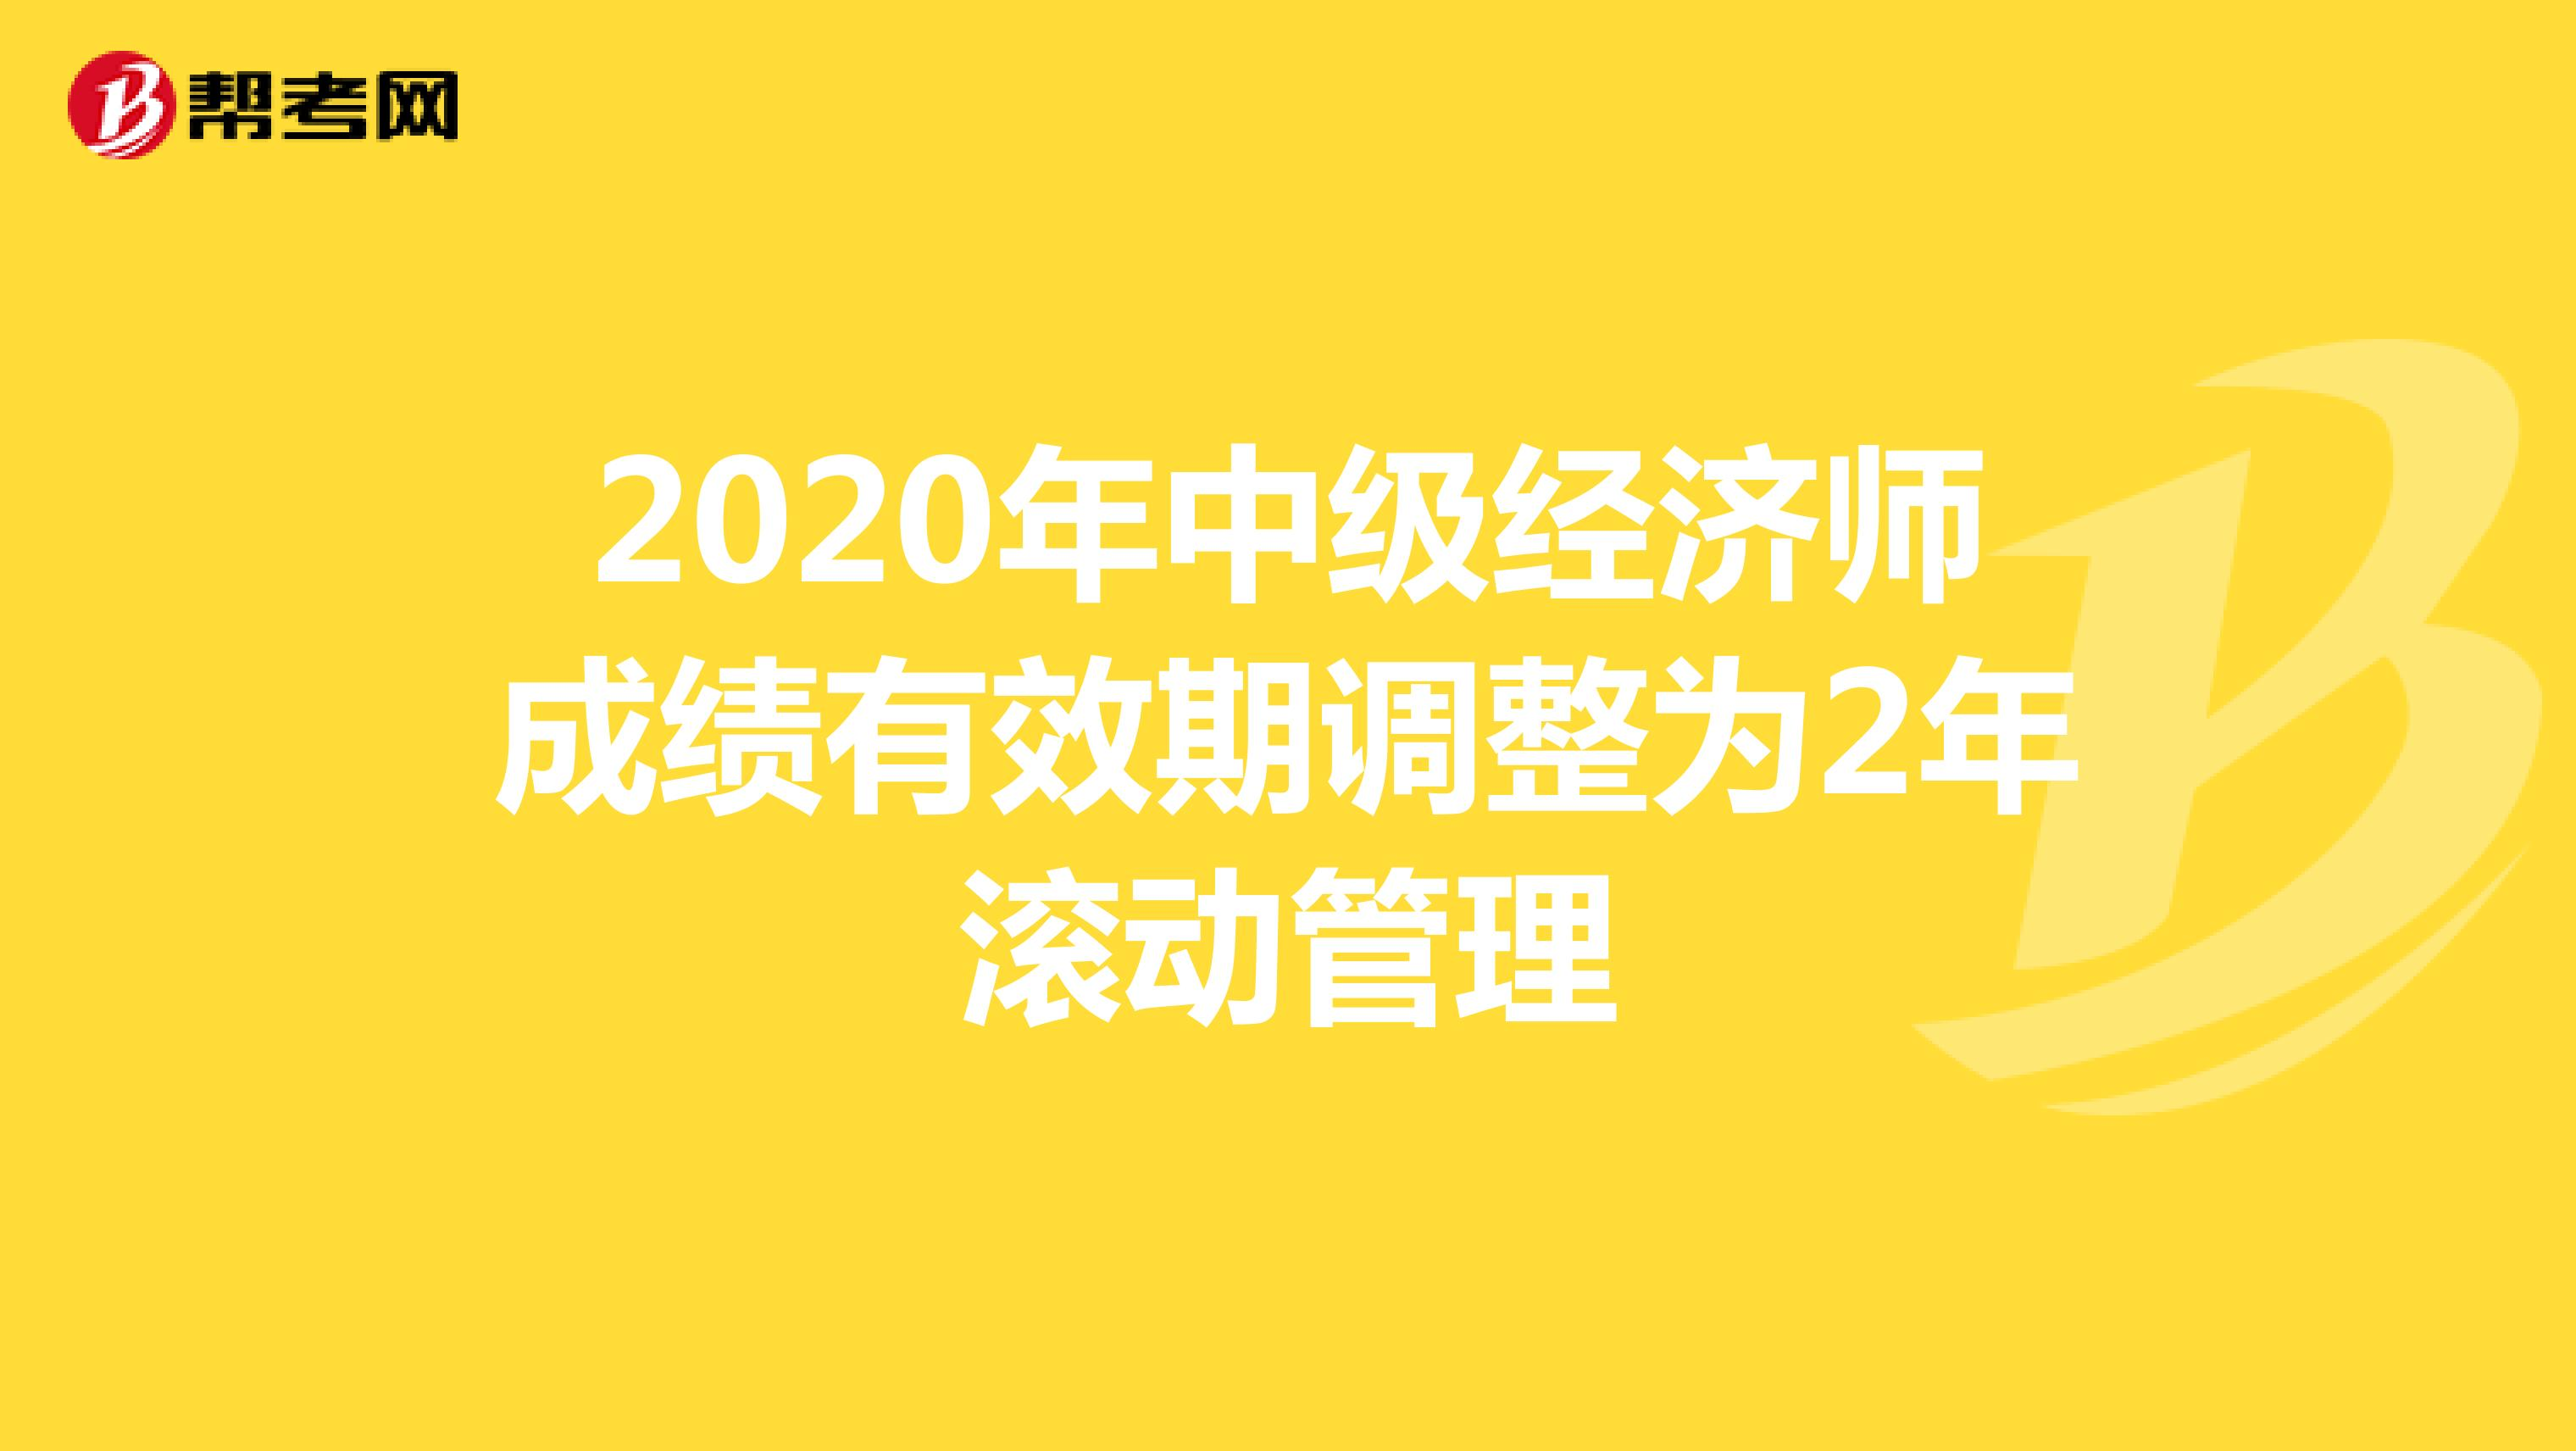 2020年中级经济师成绩有效期调整为2年滚动管理